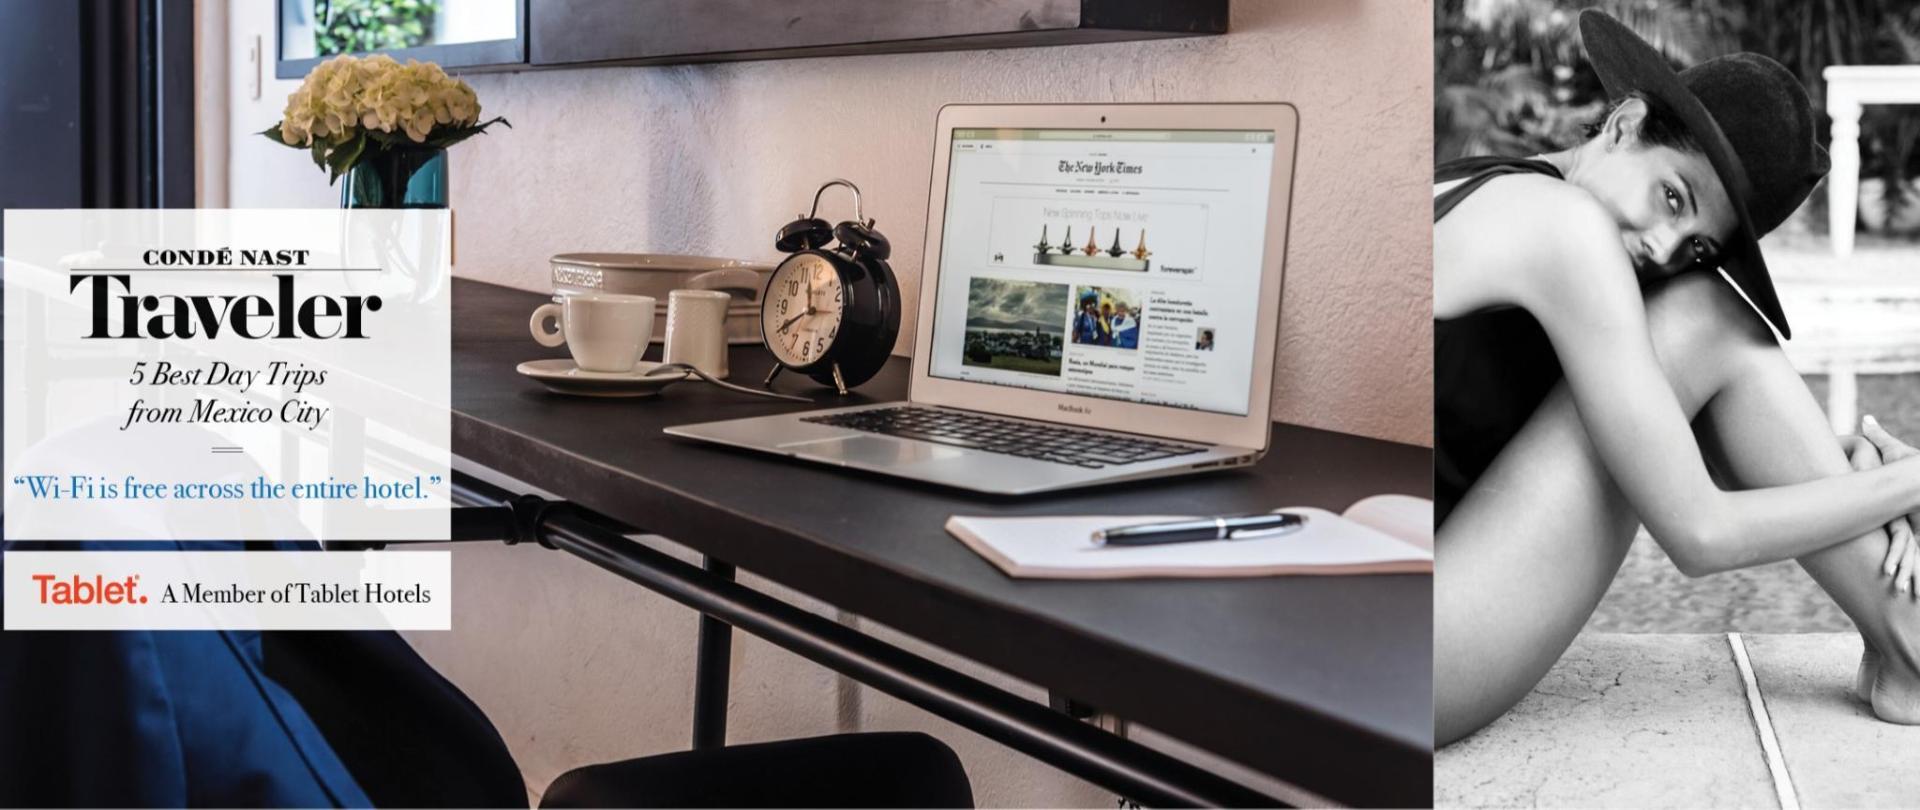 LasCasas-Tablet-homepage-4.jpg